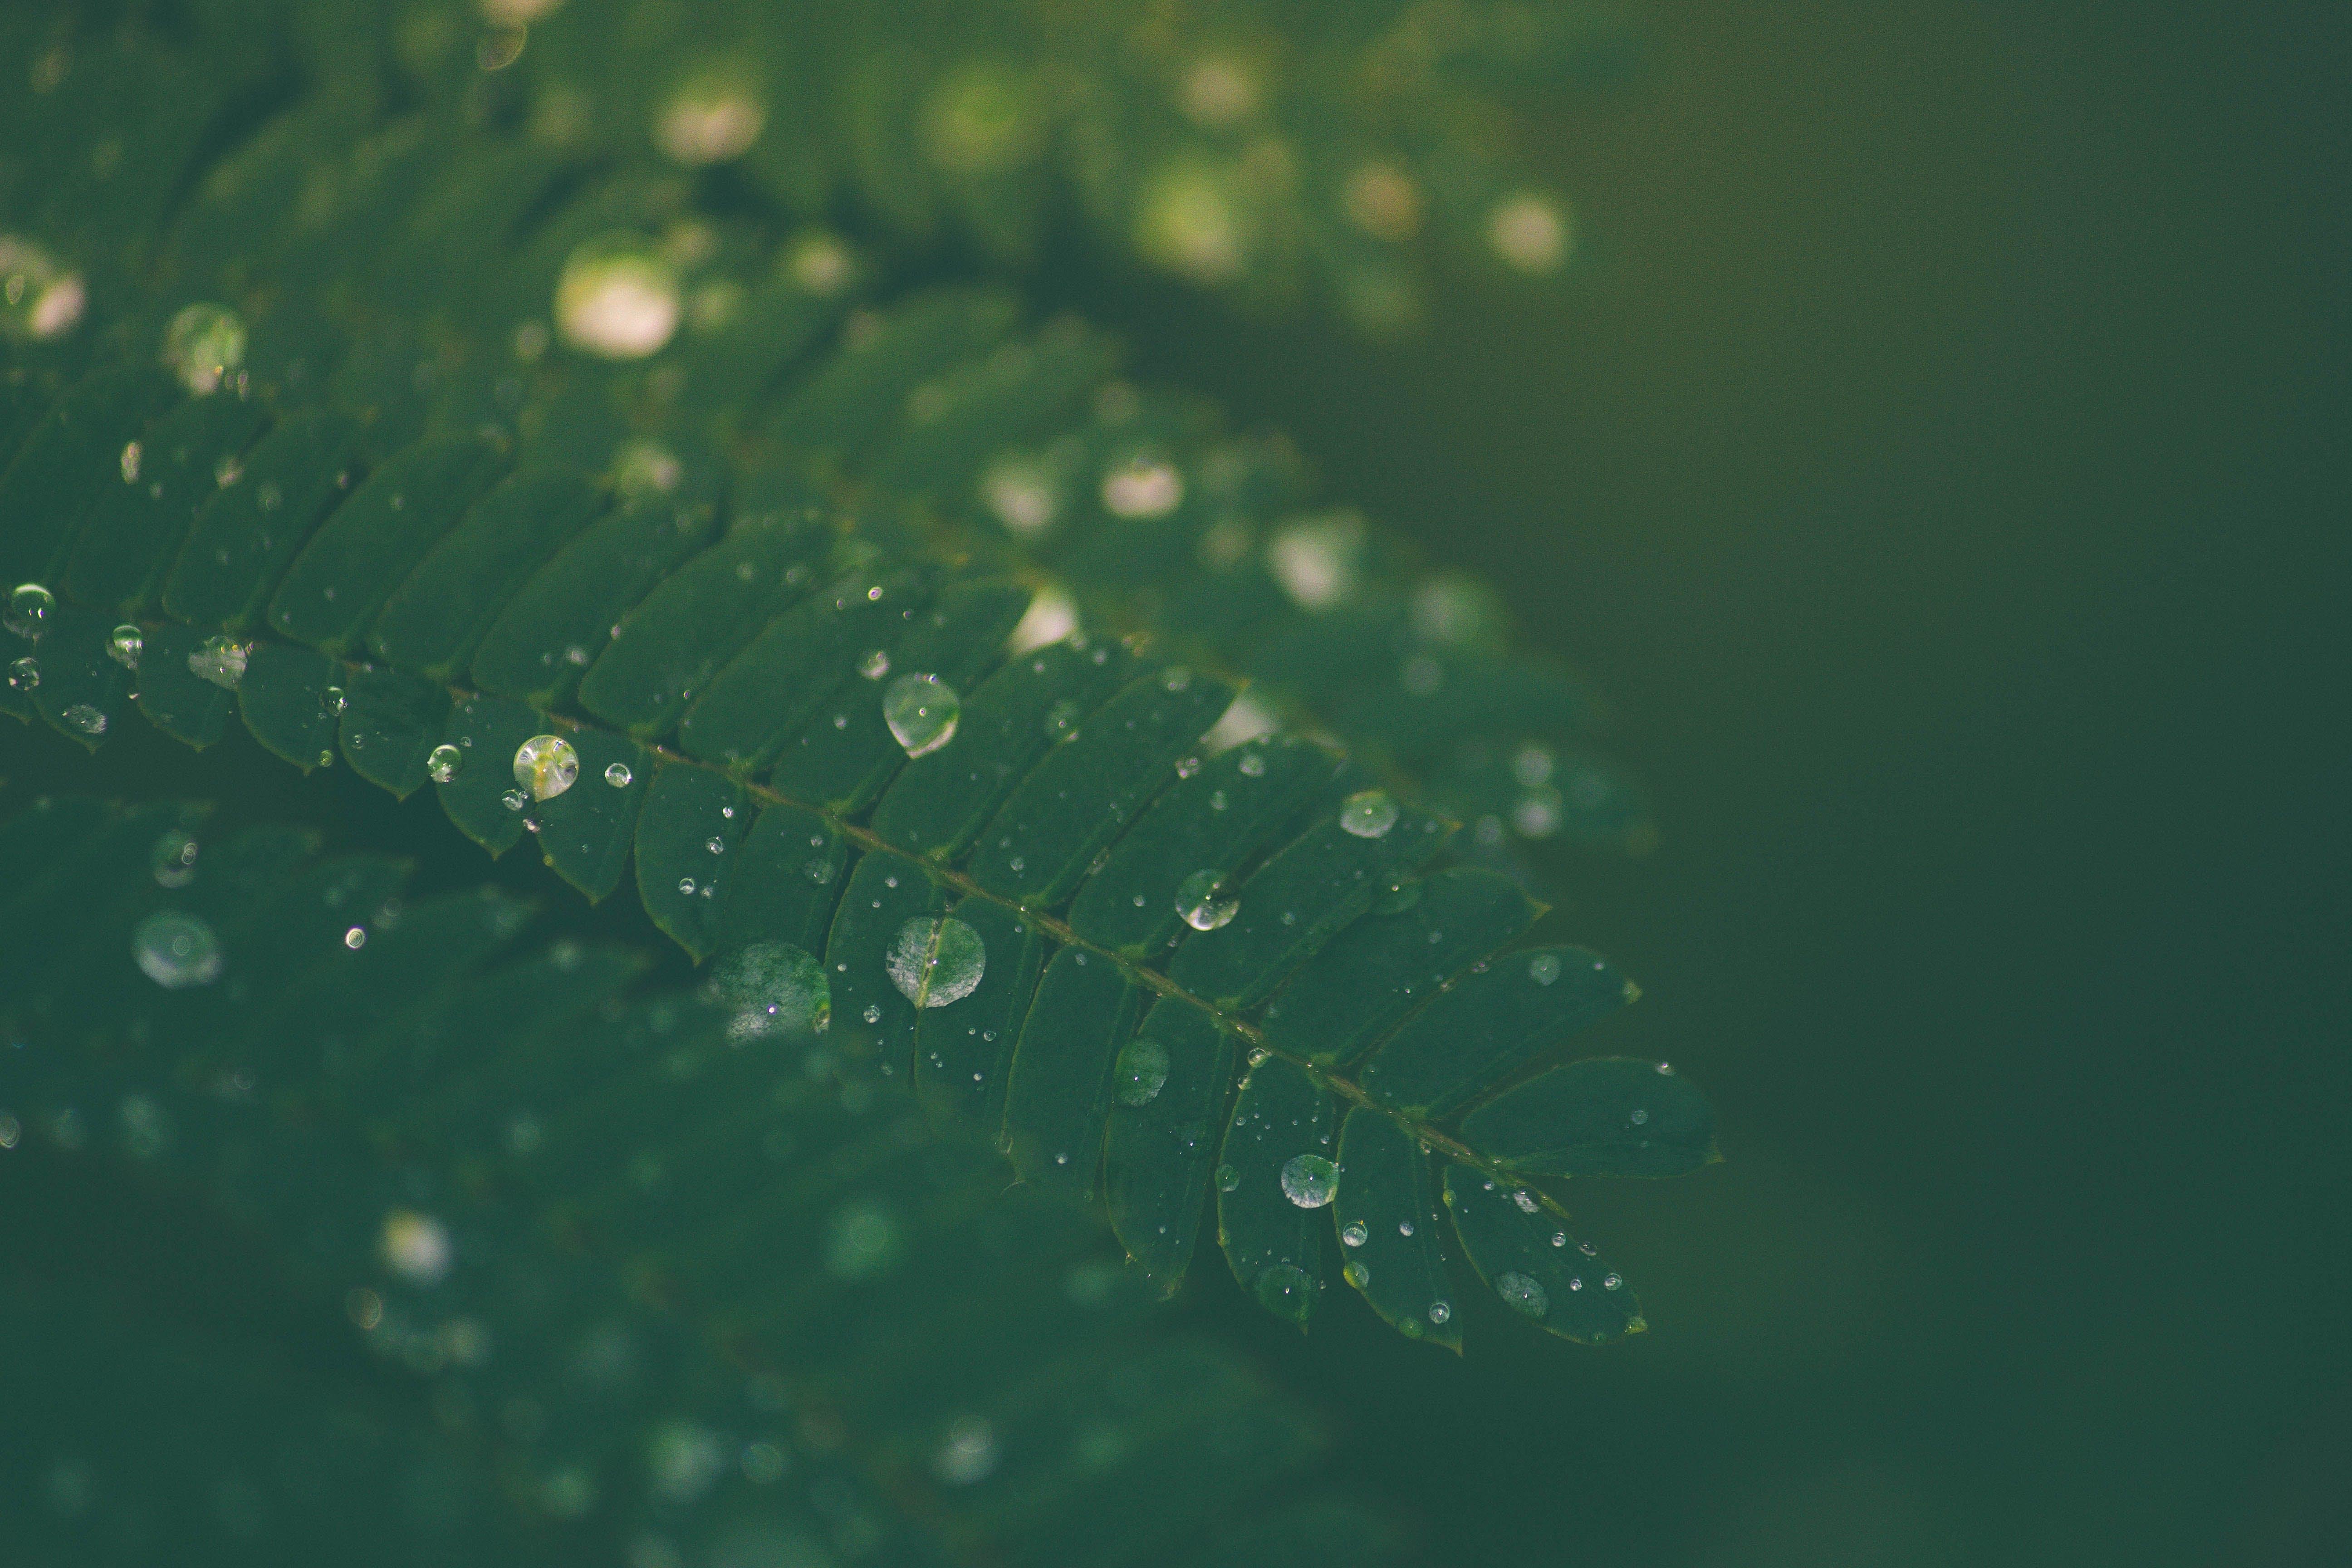 Δωρεάν στοκ φωτογραφιών με βροχή, κακόκεφος, μυστηριώδης, μυστικιστικός